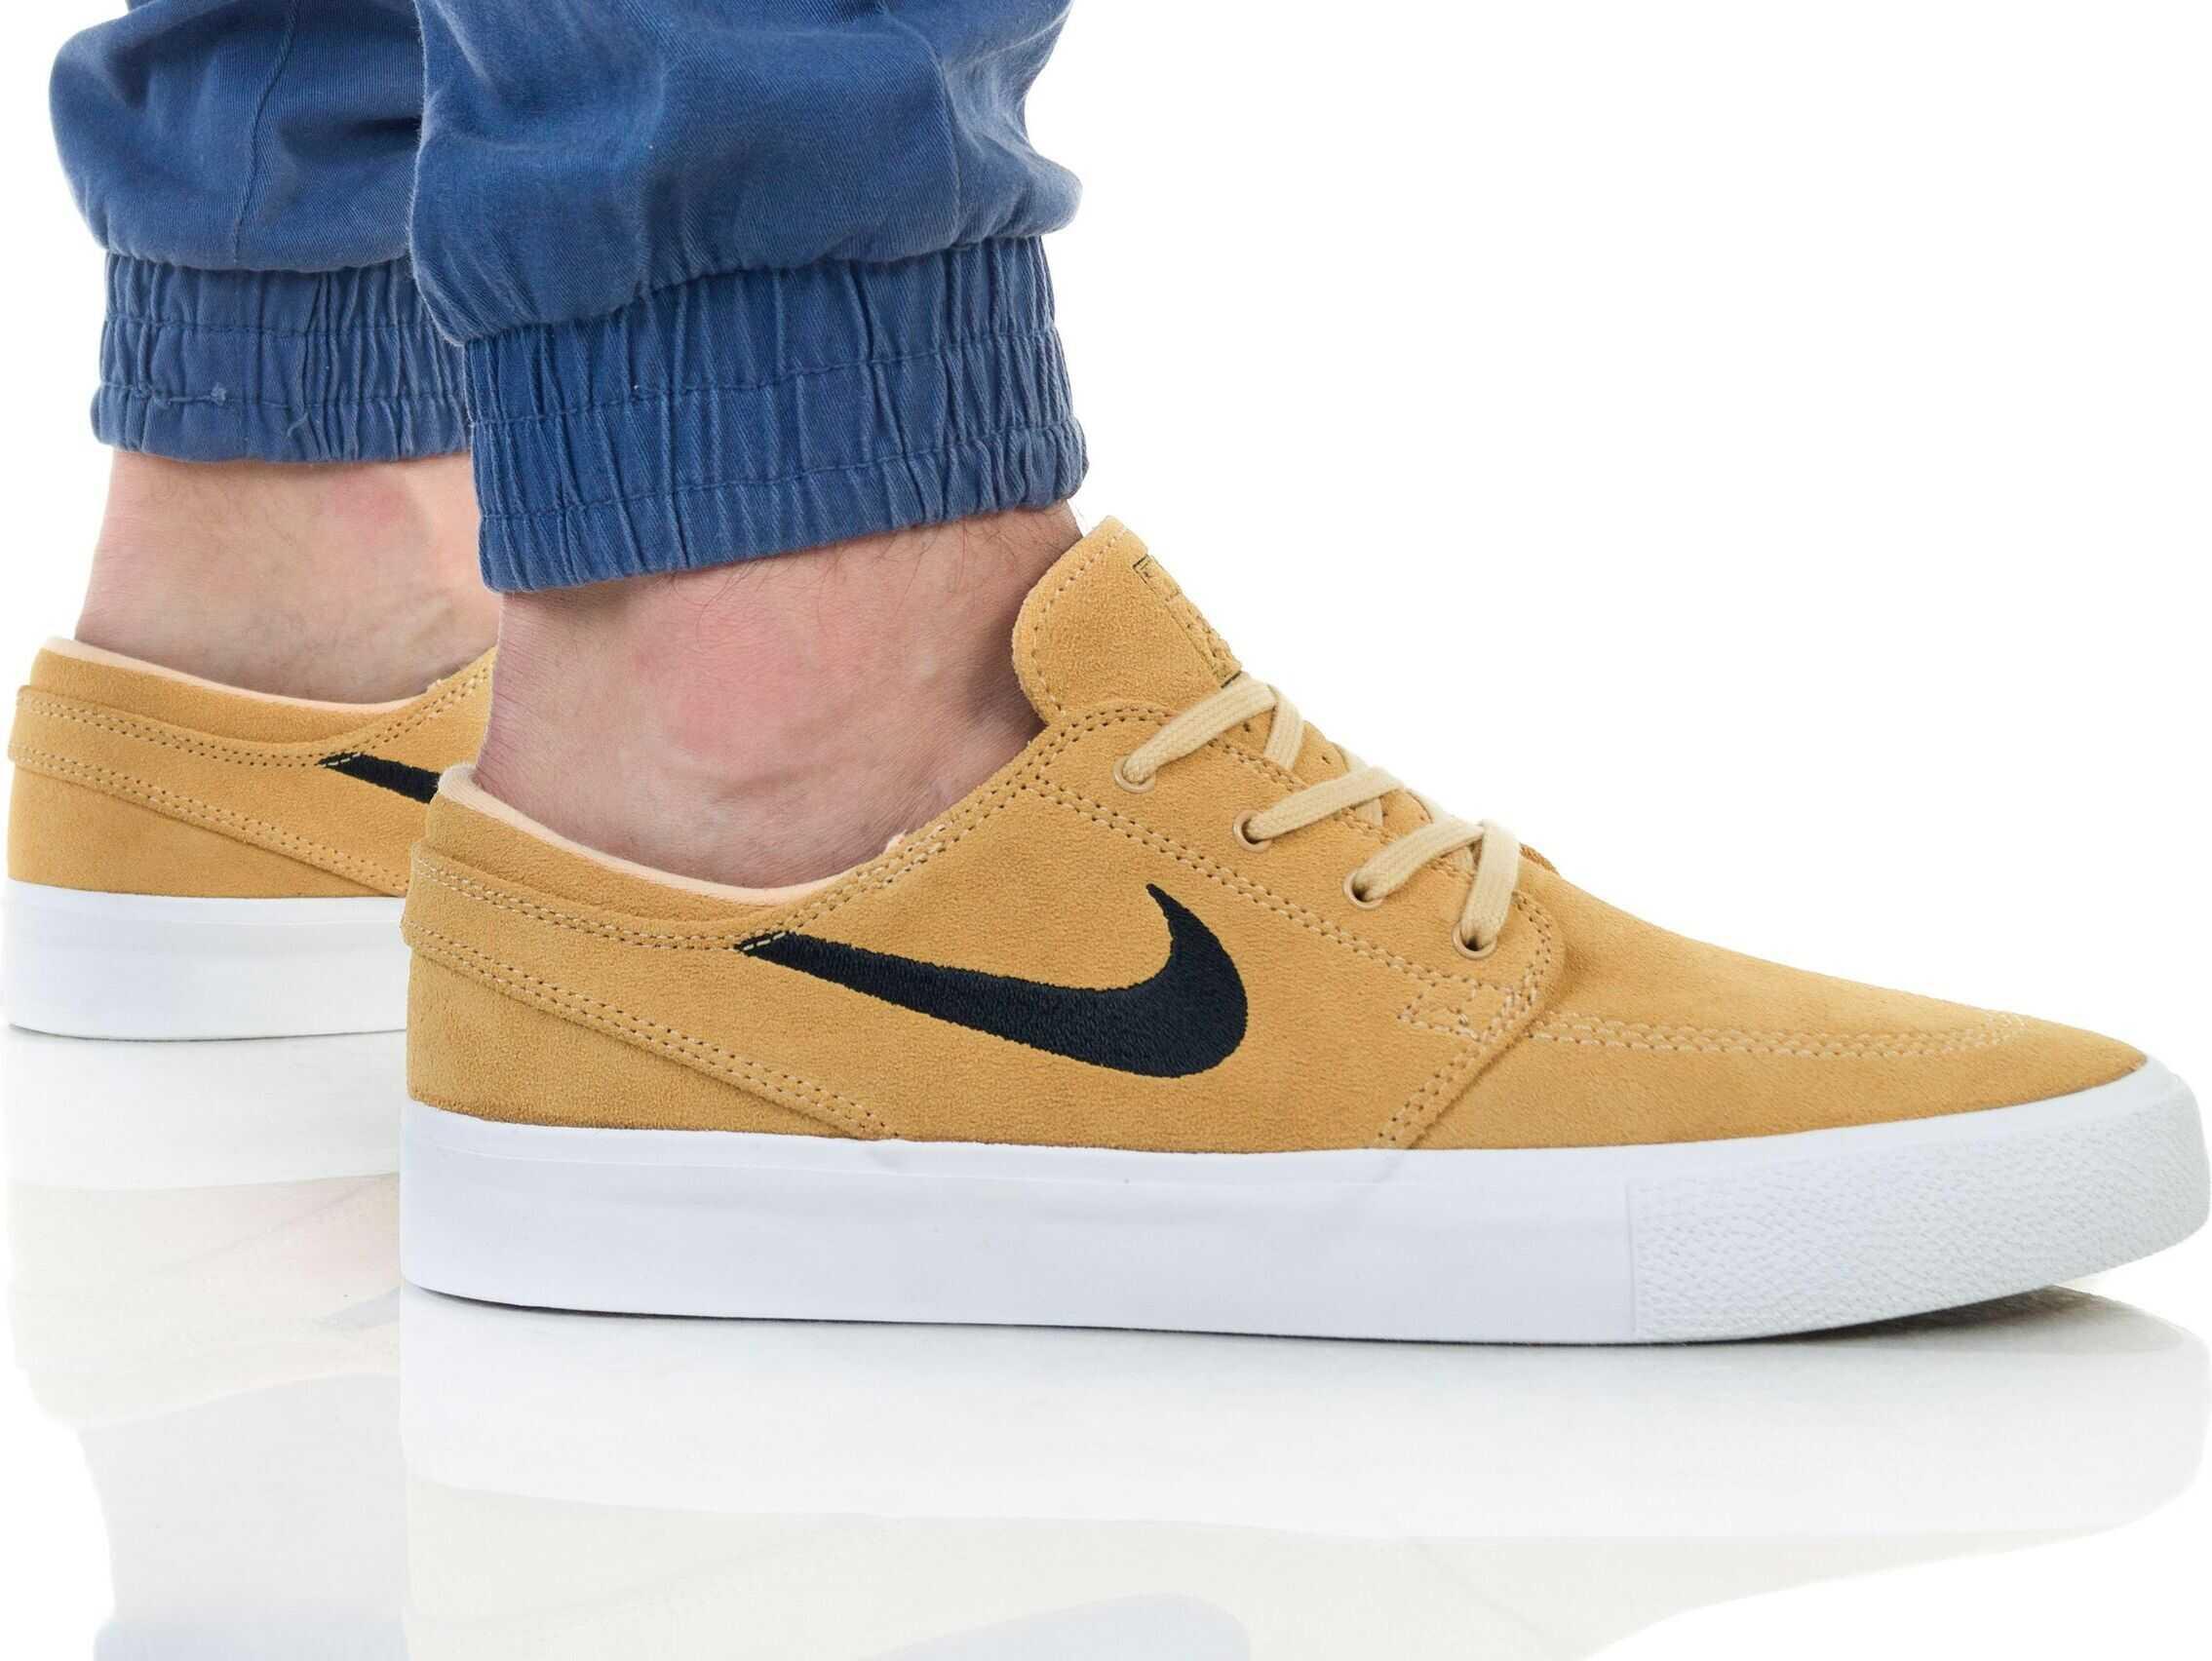 Nike Zoom Stefan Janoski RM Crem